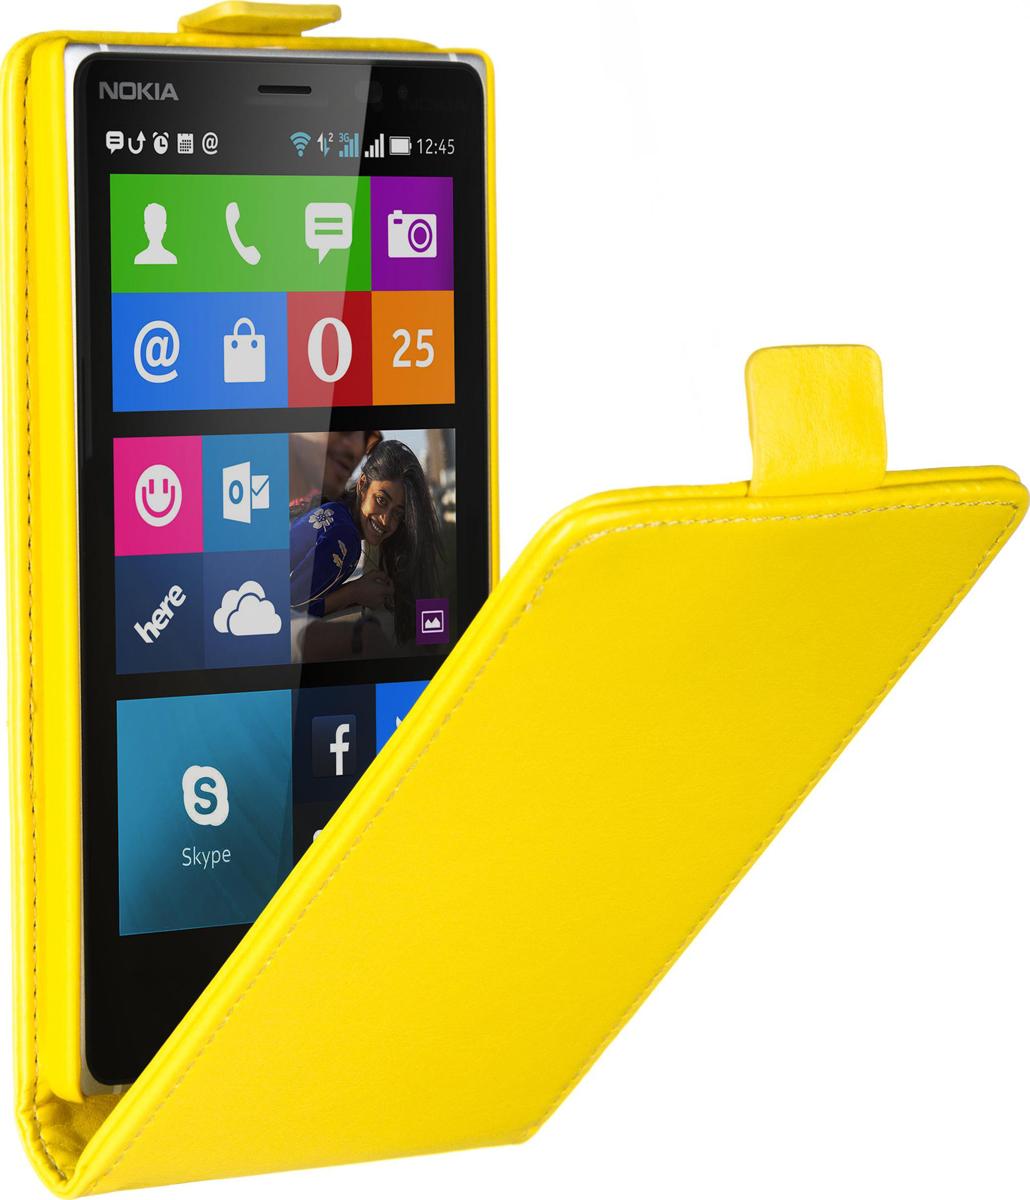 Skinbox Flip Case чехол для Nokia Lumia 830, Yellow2000000058559Чехол Skinbox Flip Case для Nokia Lumia 830 выполнен из высококачественного поликарбоната и экокожи. Он обеспечивает надежную защиту корпуса и экрана смартфона и надолго сохраняет его привлекательный внешний вид. Чехол также обеспечивает свободный доступ ко всем разъемам и клавишам устройства.